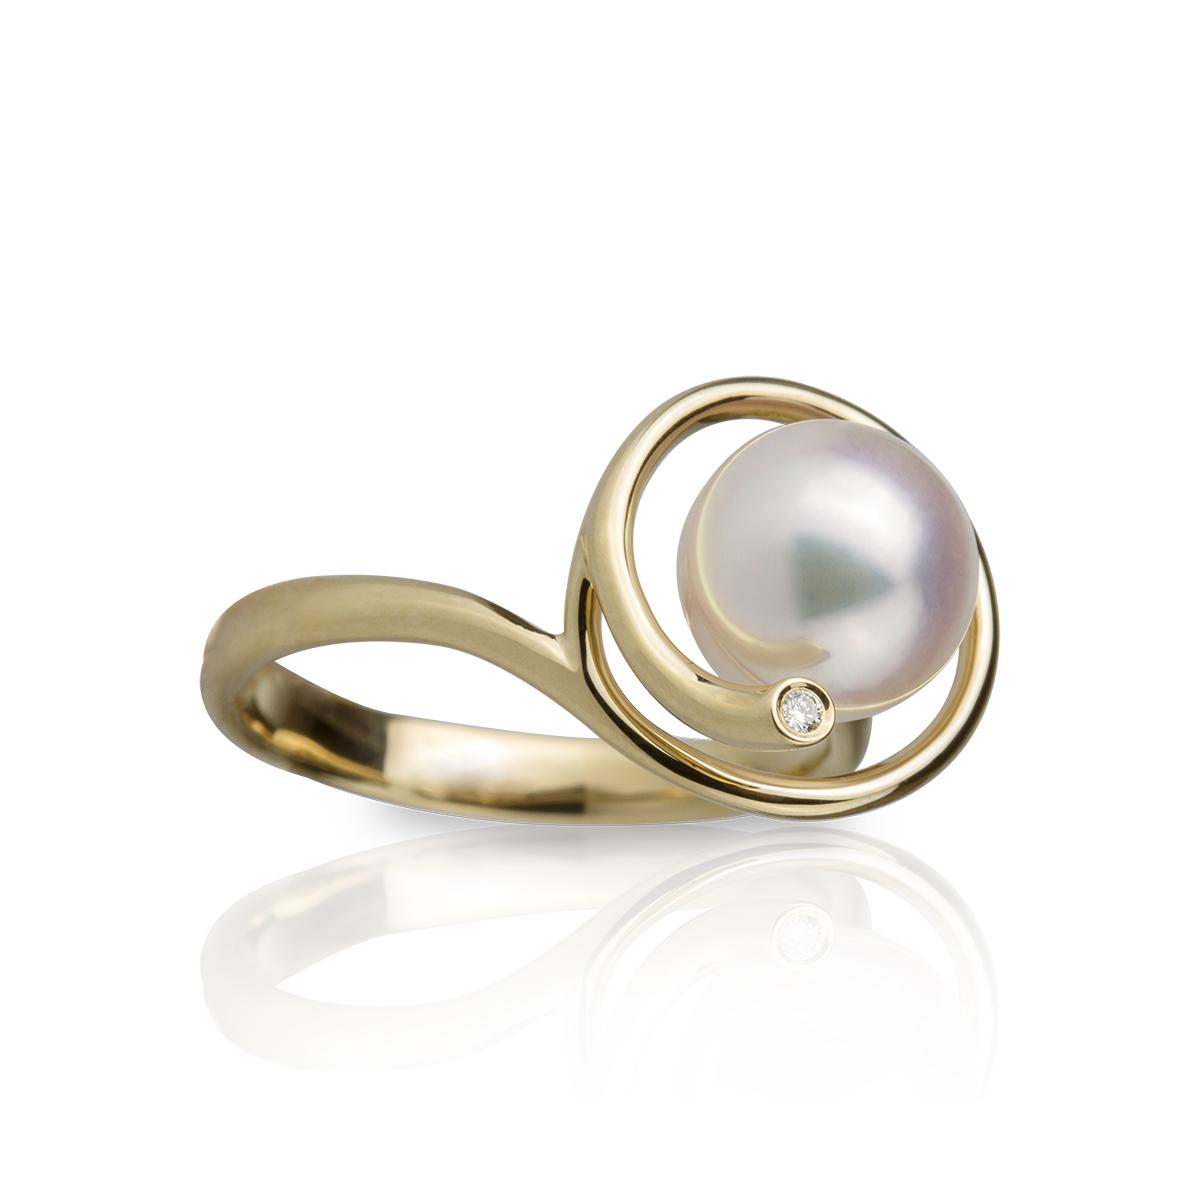 40b373286d69 Anillo en oro con perla y brillantes — JQUIRÓS